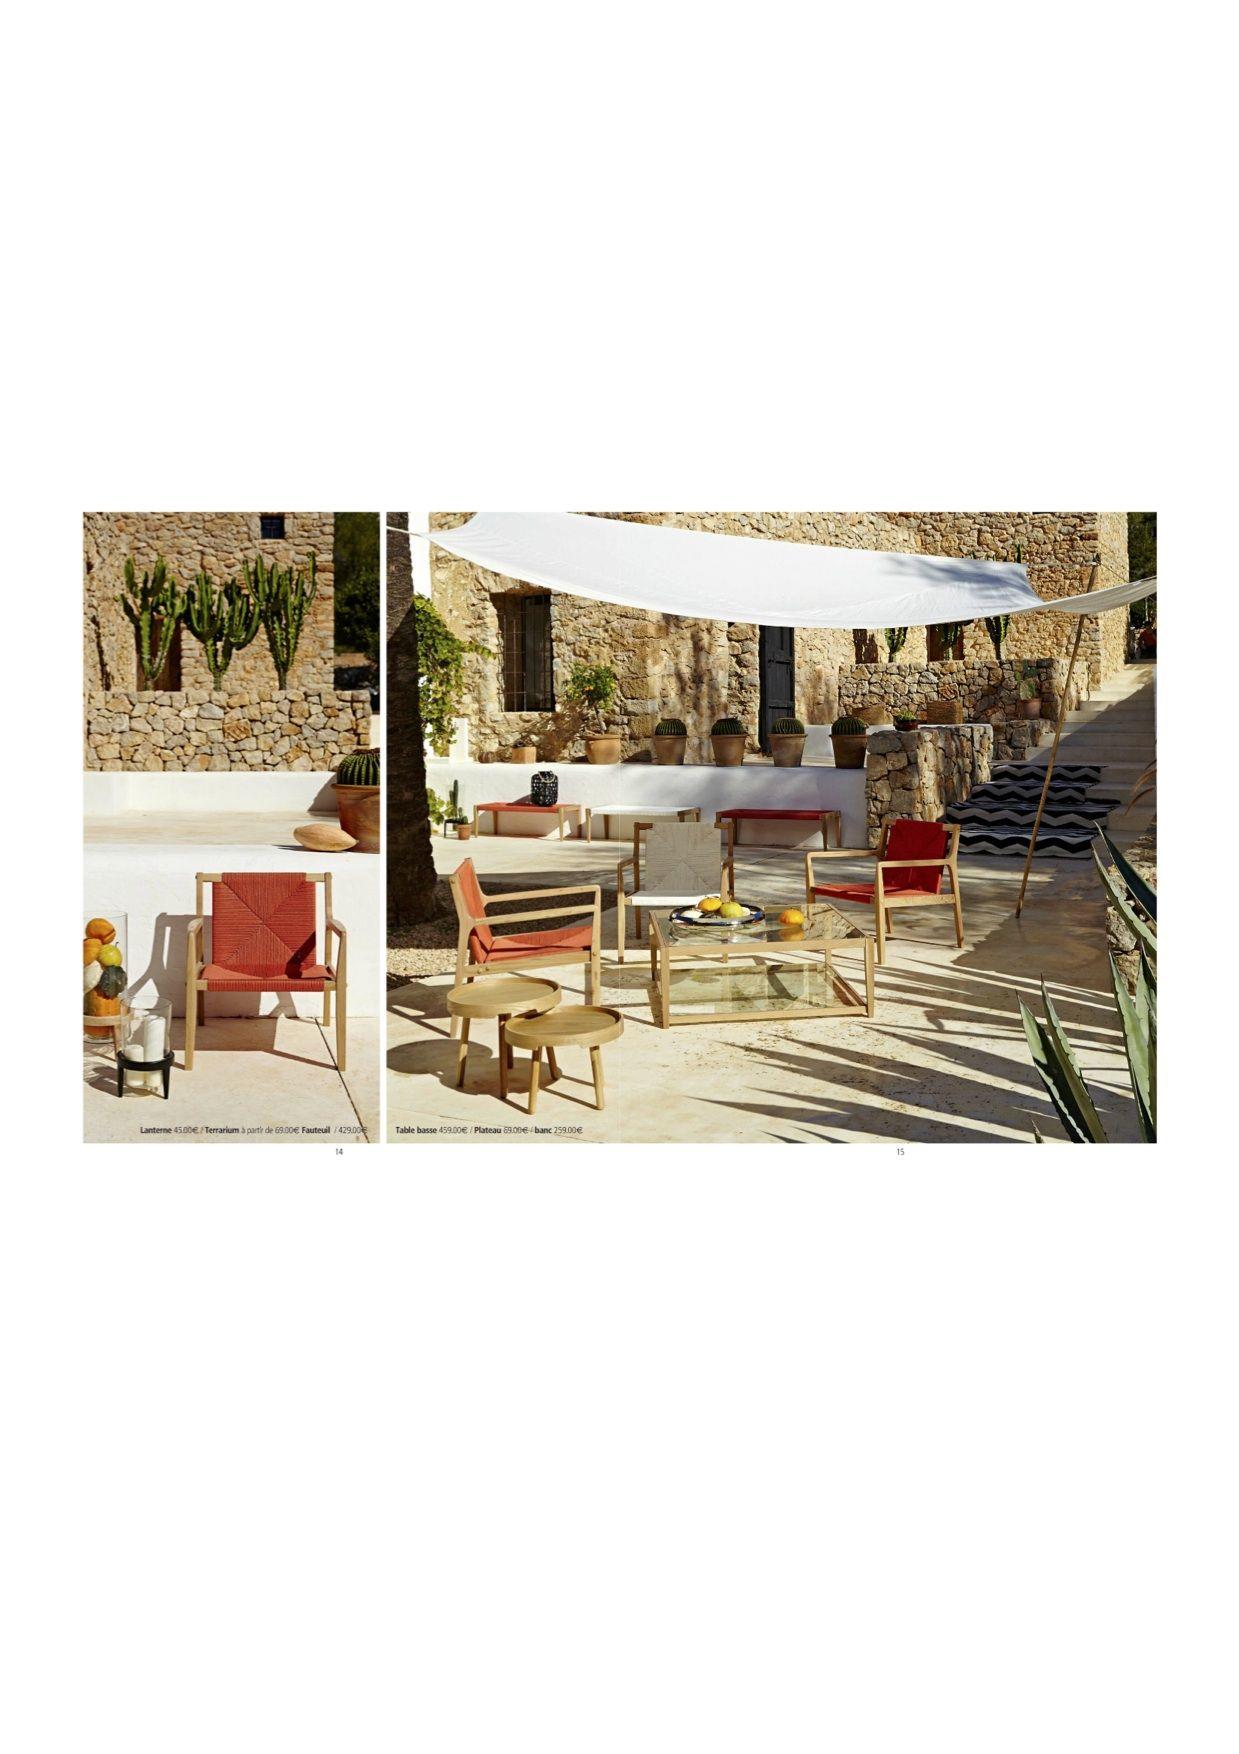 700de87c094061f43081e92d24def4a8 Luxe De Table Basse Montagne Concept